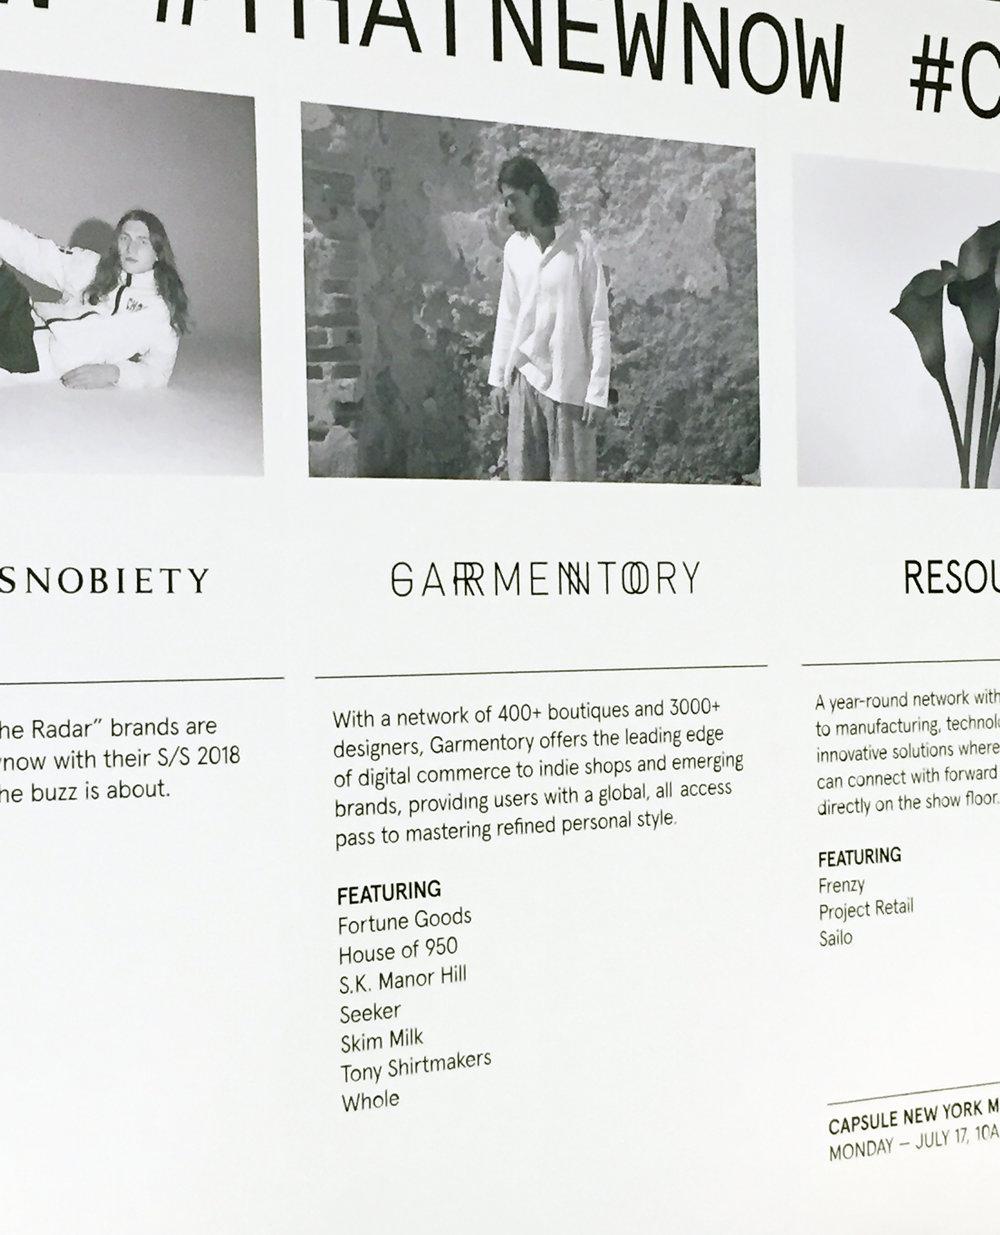 garmentory.jpg